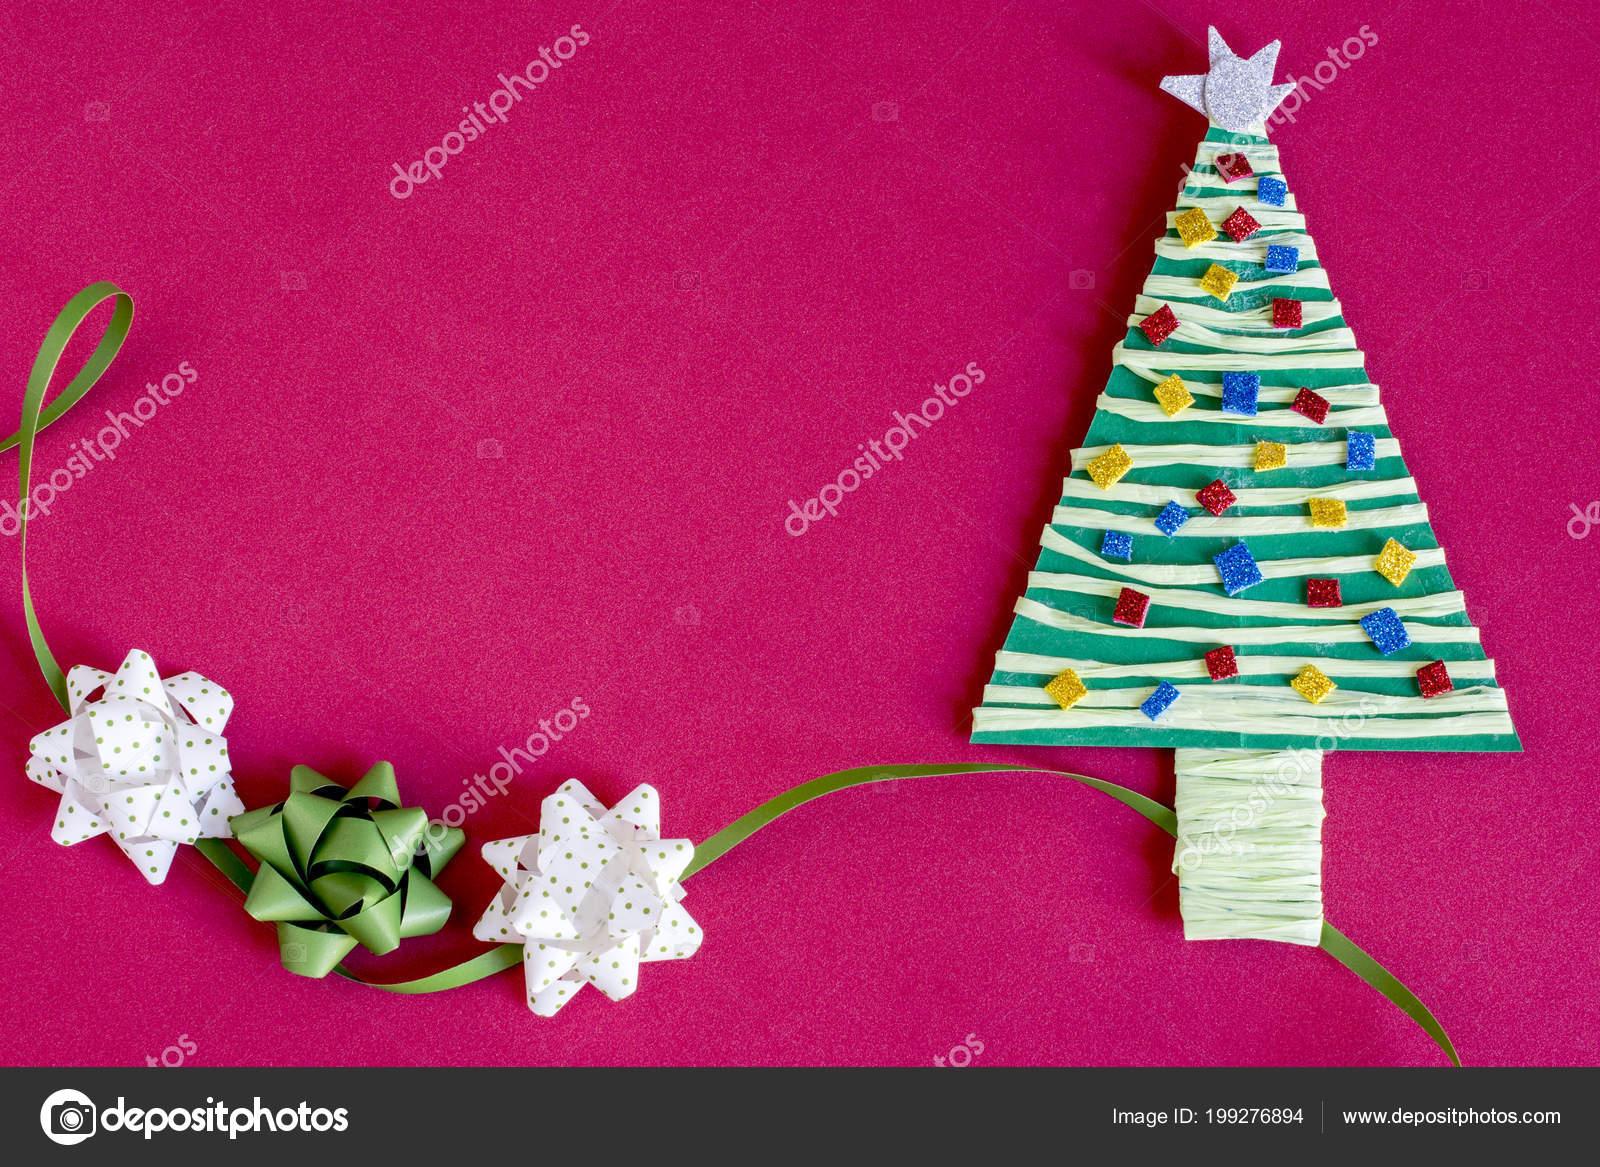 Decorar Arbol Navidad En Papel.Papel Decoracion Arbol Navidad Tres Arcos Sobre Fondo Rosa